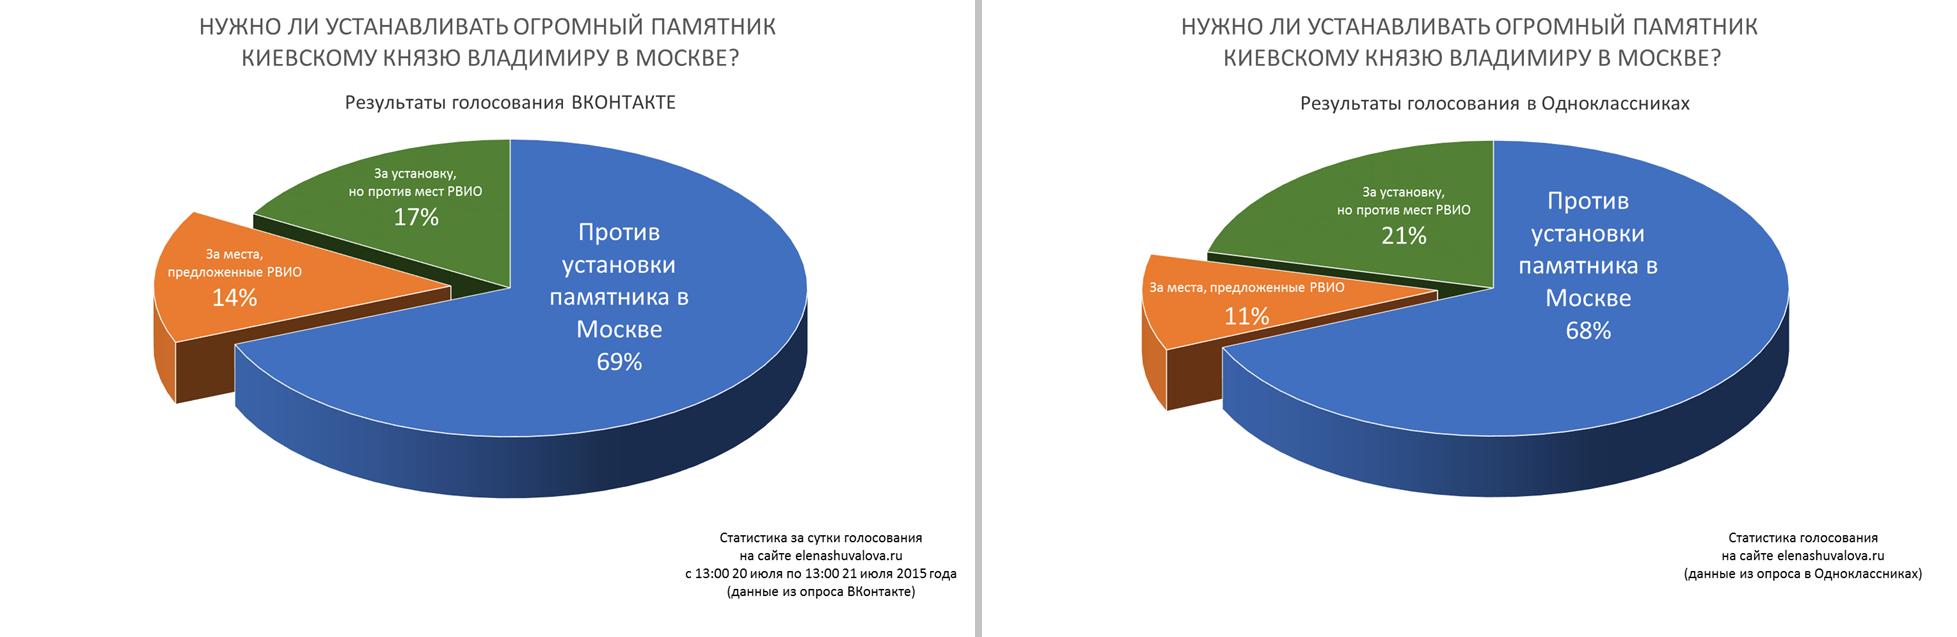 Результаты опроса по памятнику Владимиру